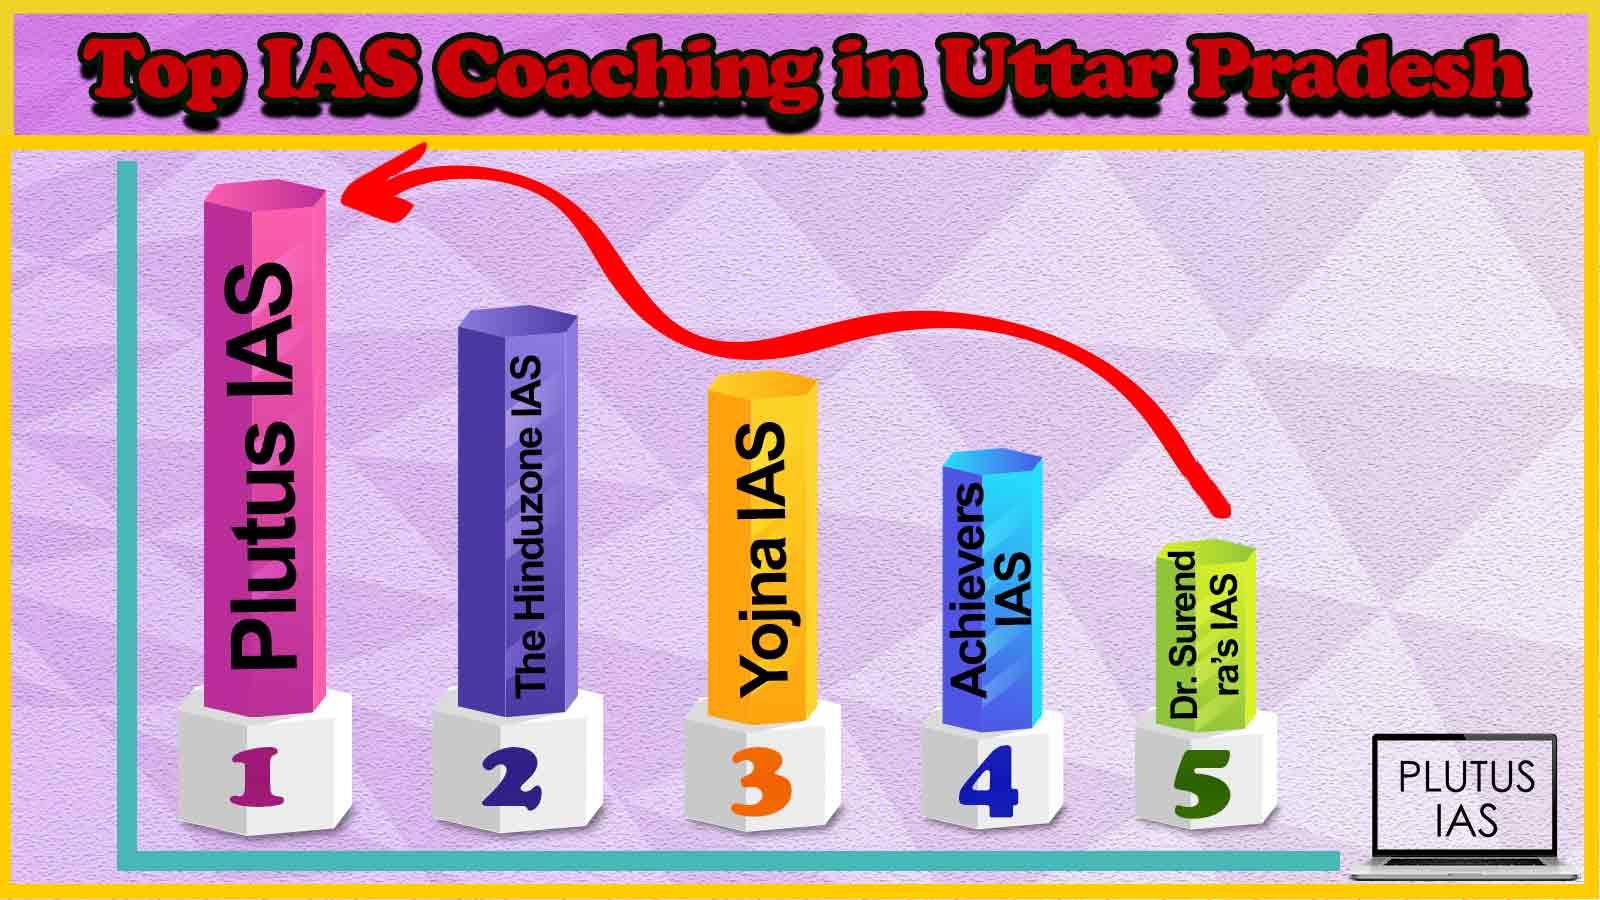 Best 10 IAS Coaching in Uttar Pradesh